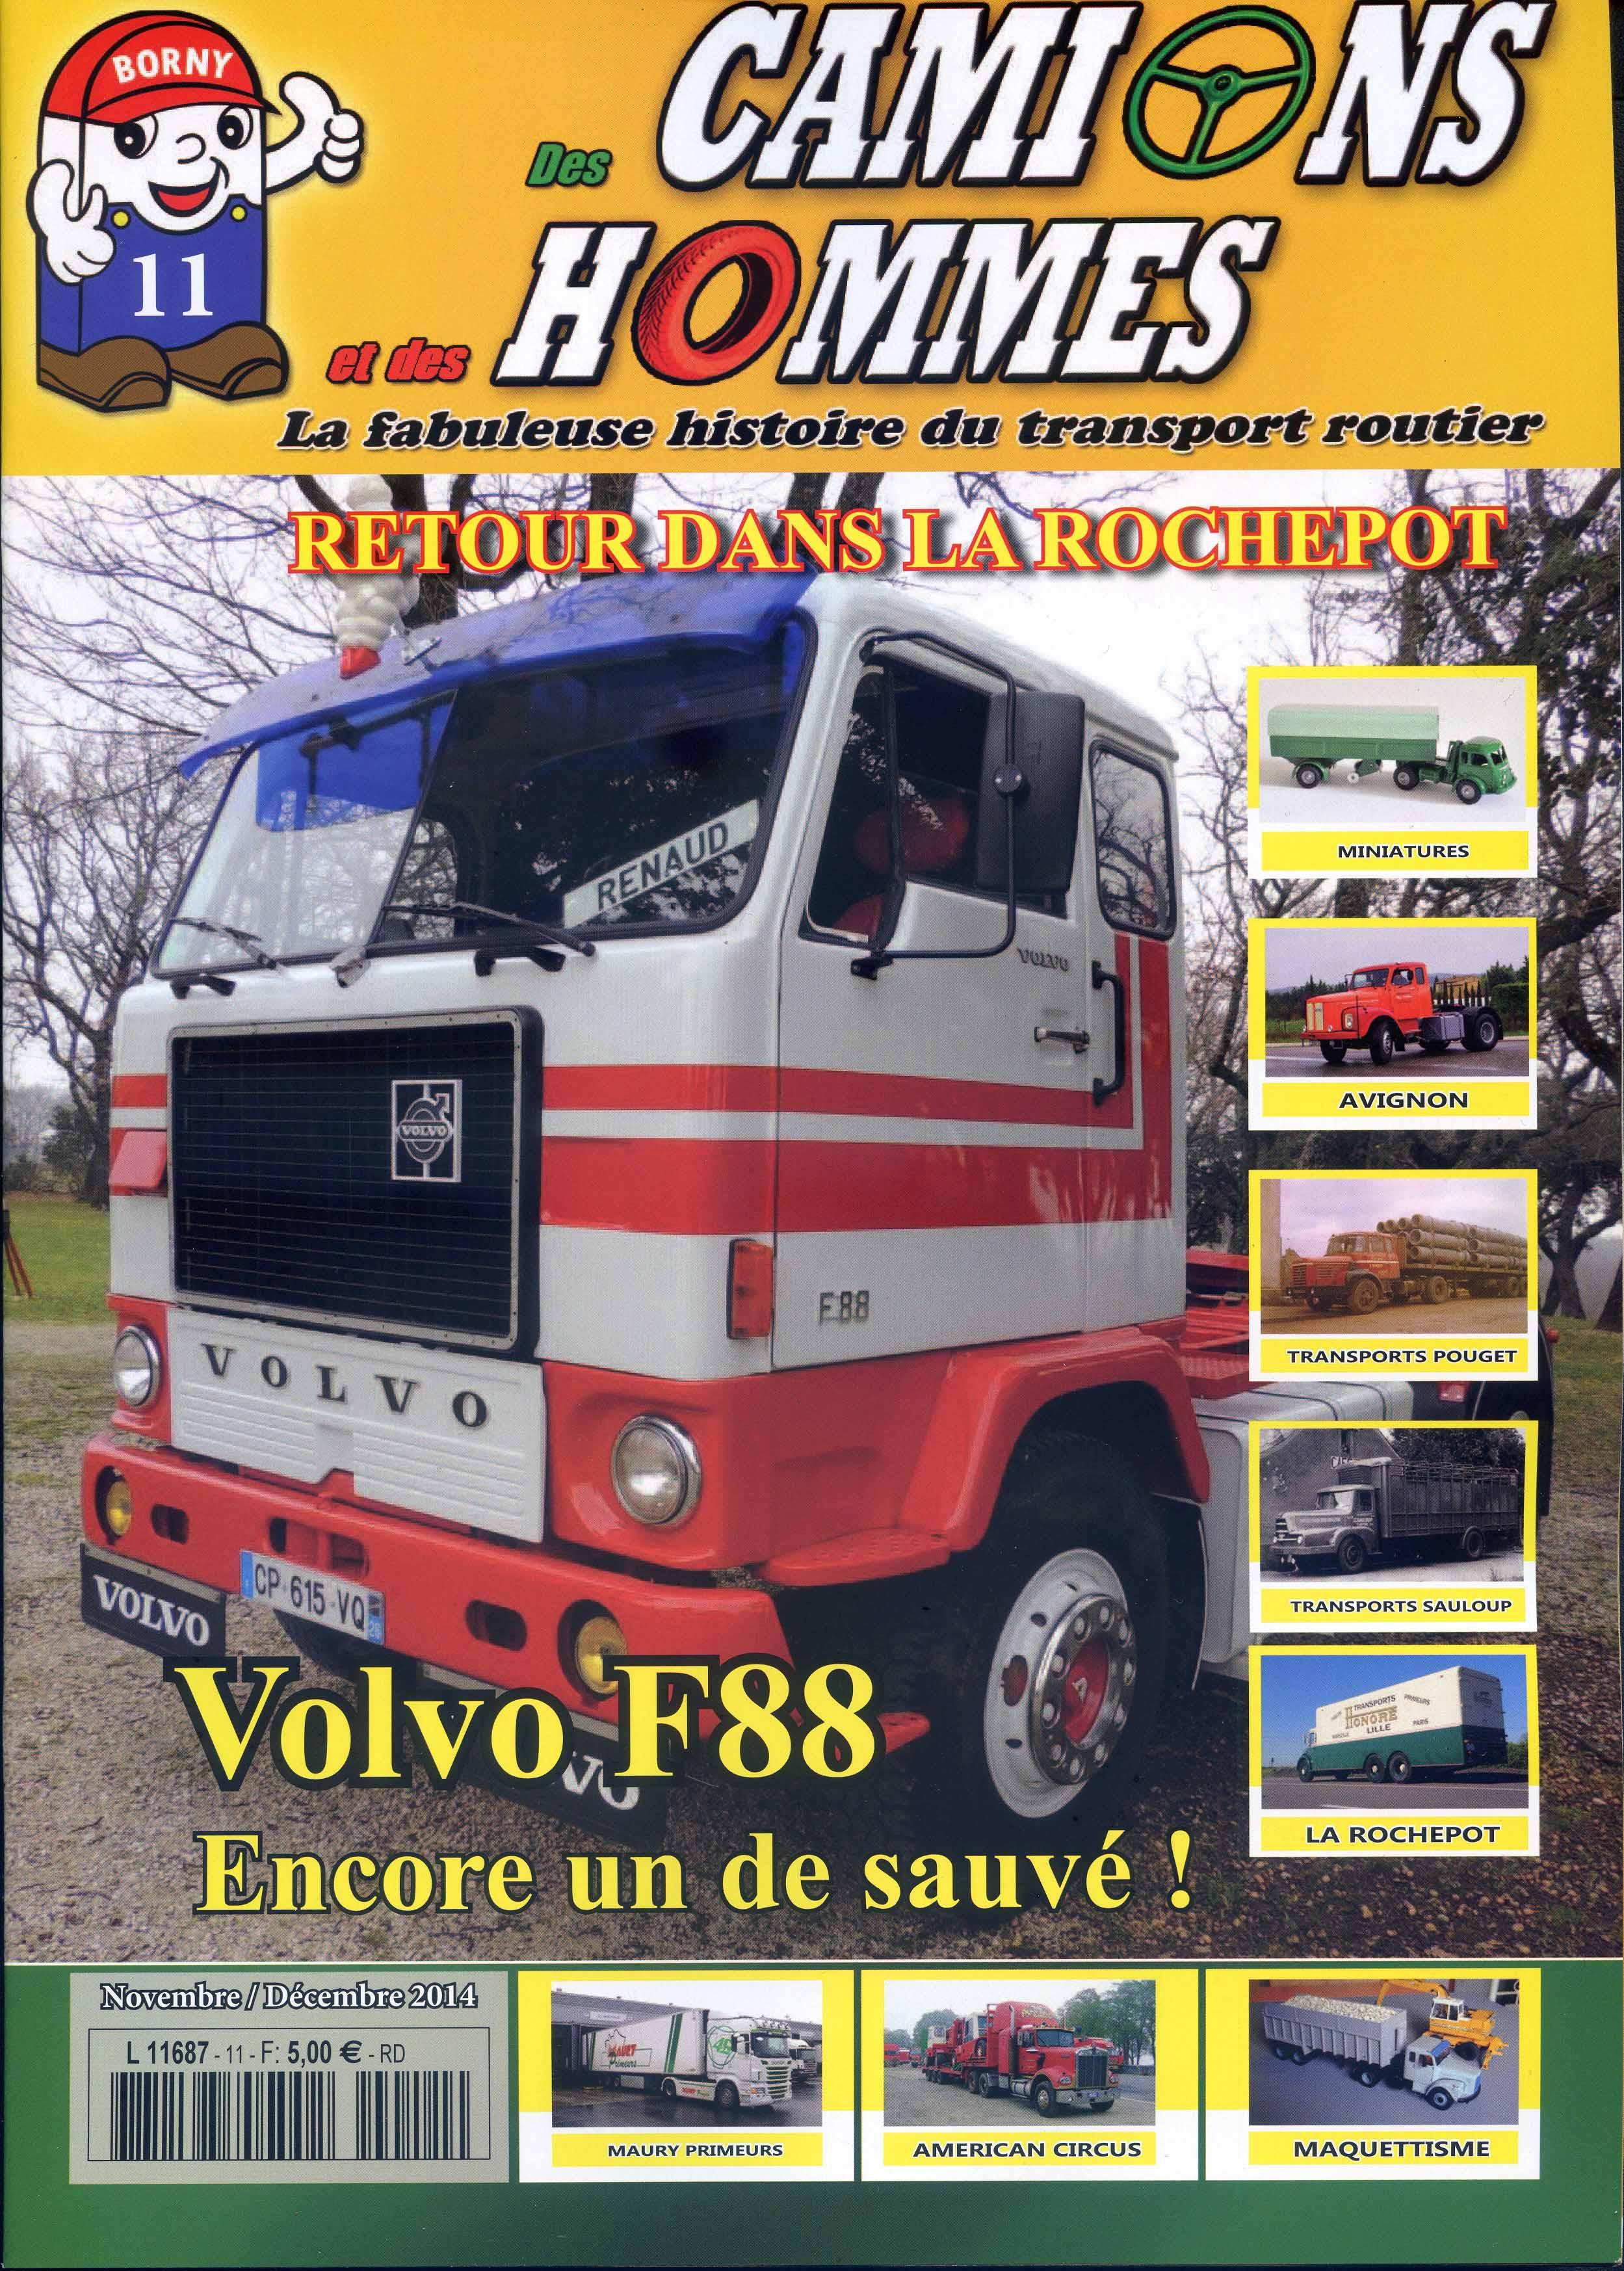 Magazine N°11 Des Camions et des Hommes (Etranger)